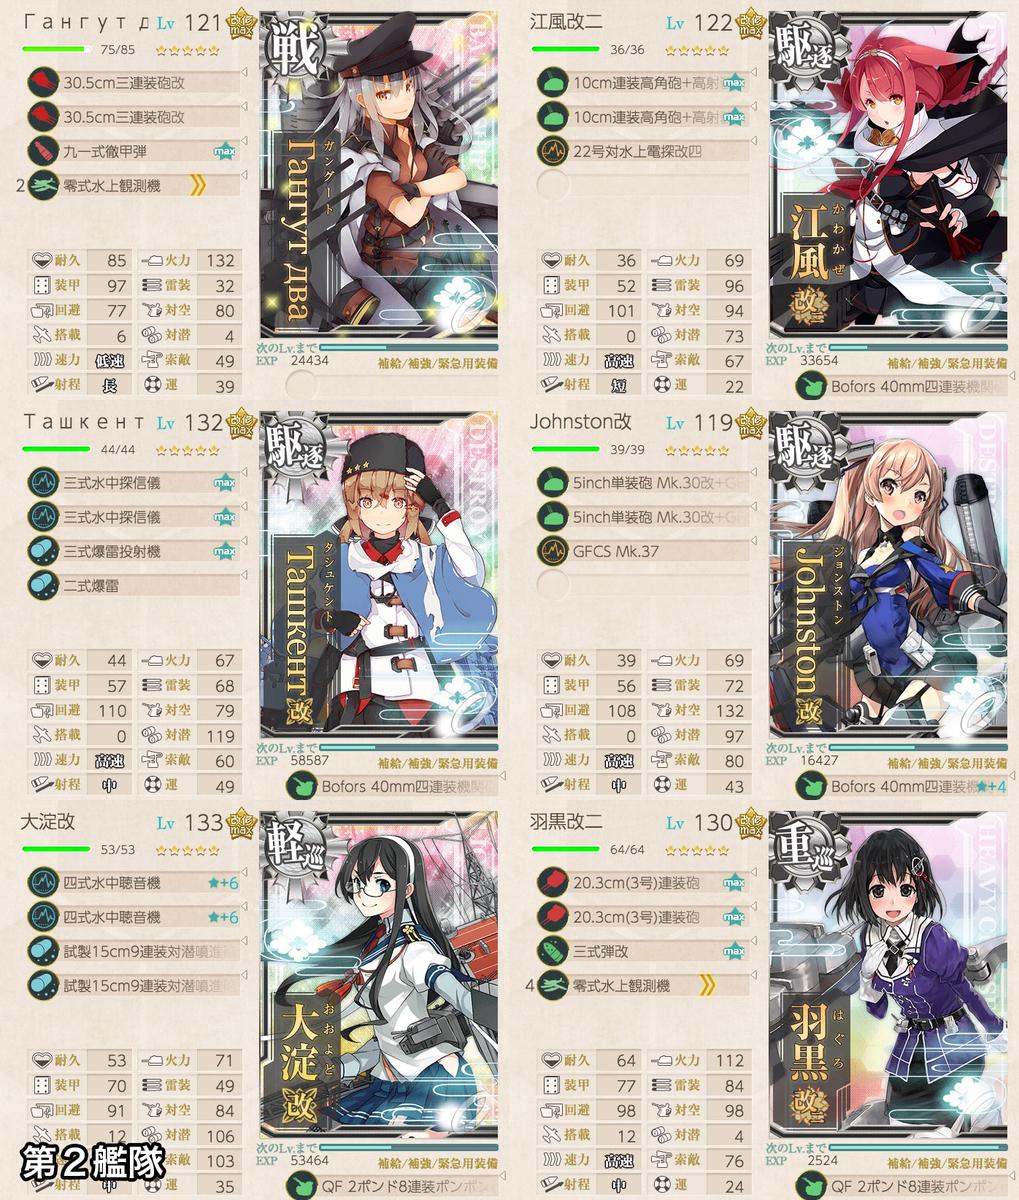 f:id:nameless_admiral:20200813052509j:plain